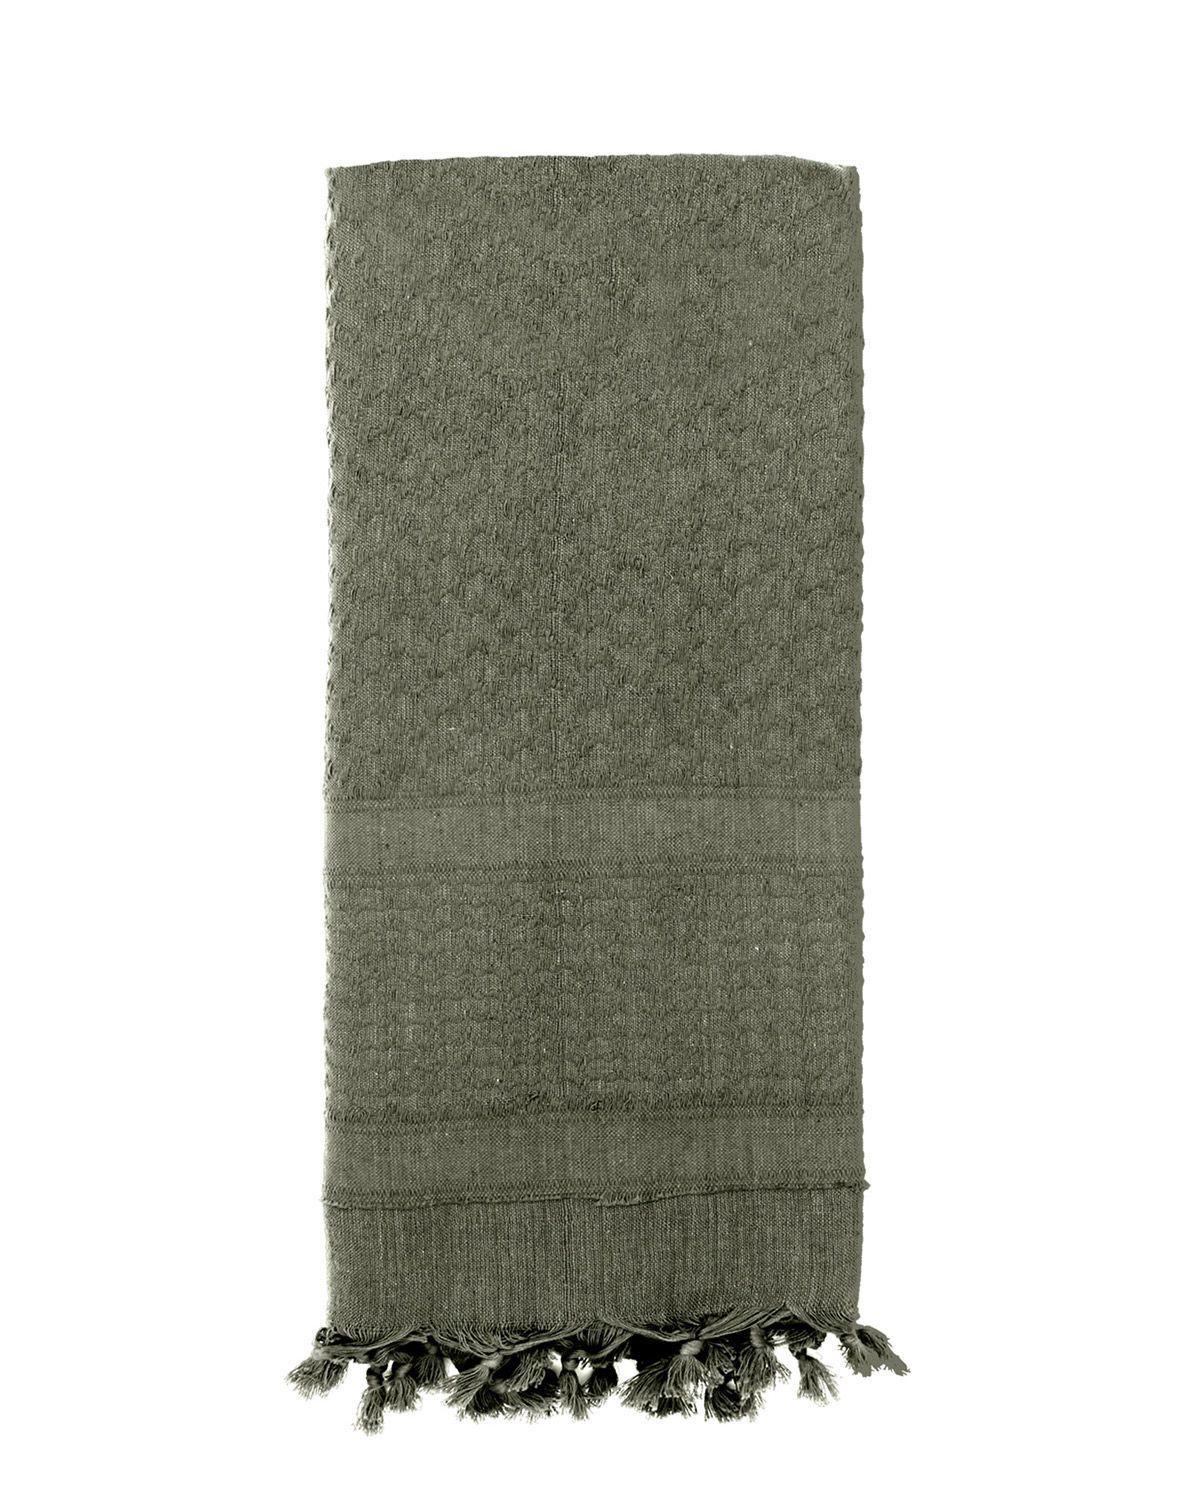 Image of   Rothco Deluxe Partisan Tørklæde Ensfarvet (Blad Grøn, One Size)